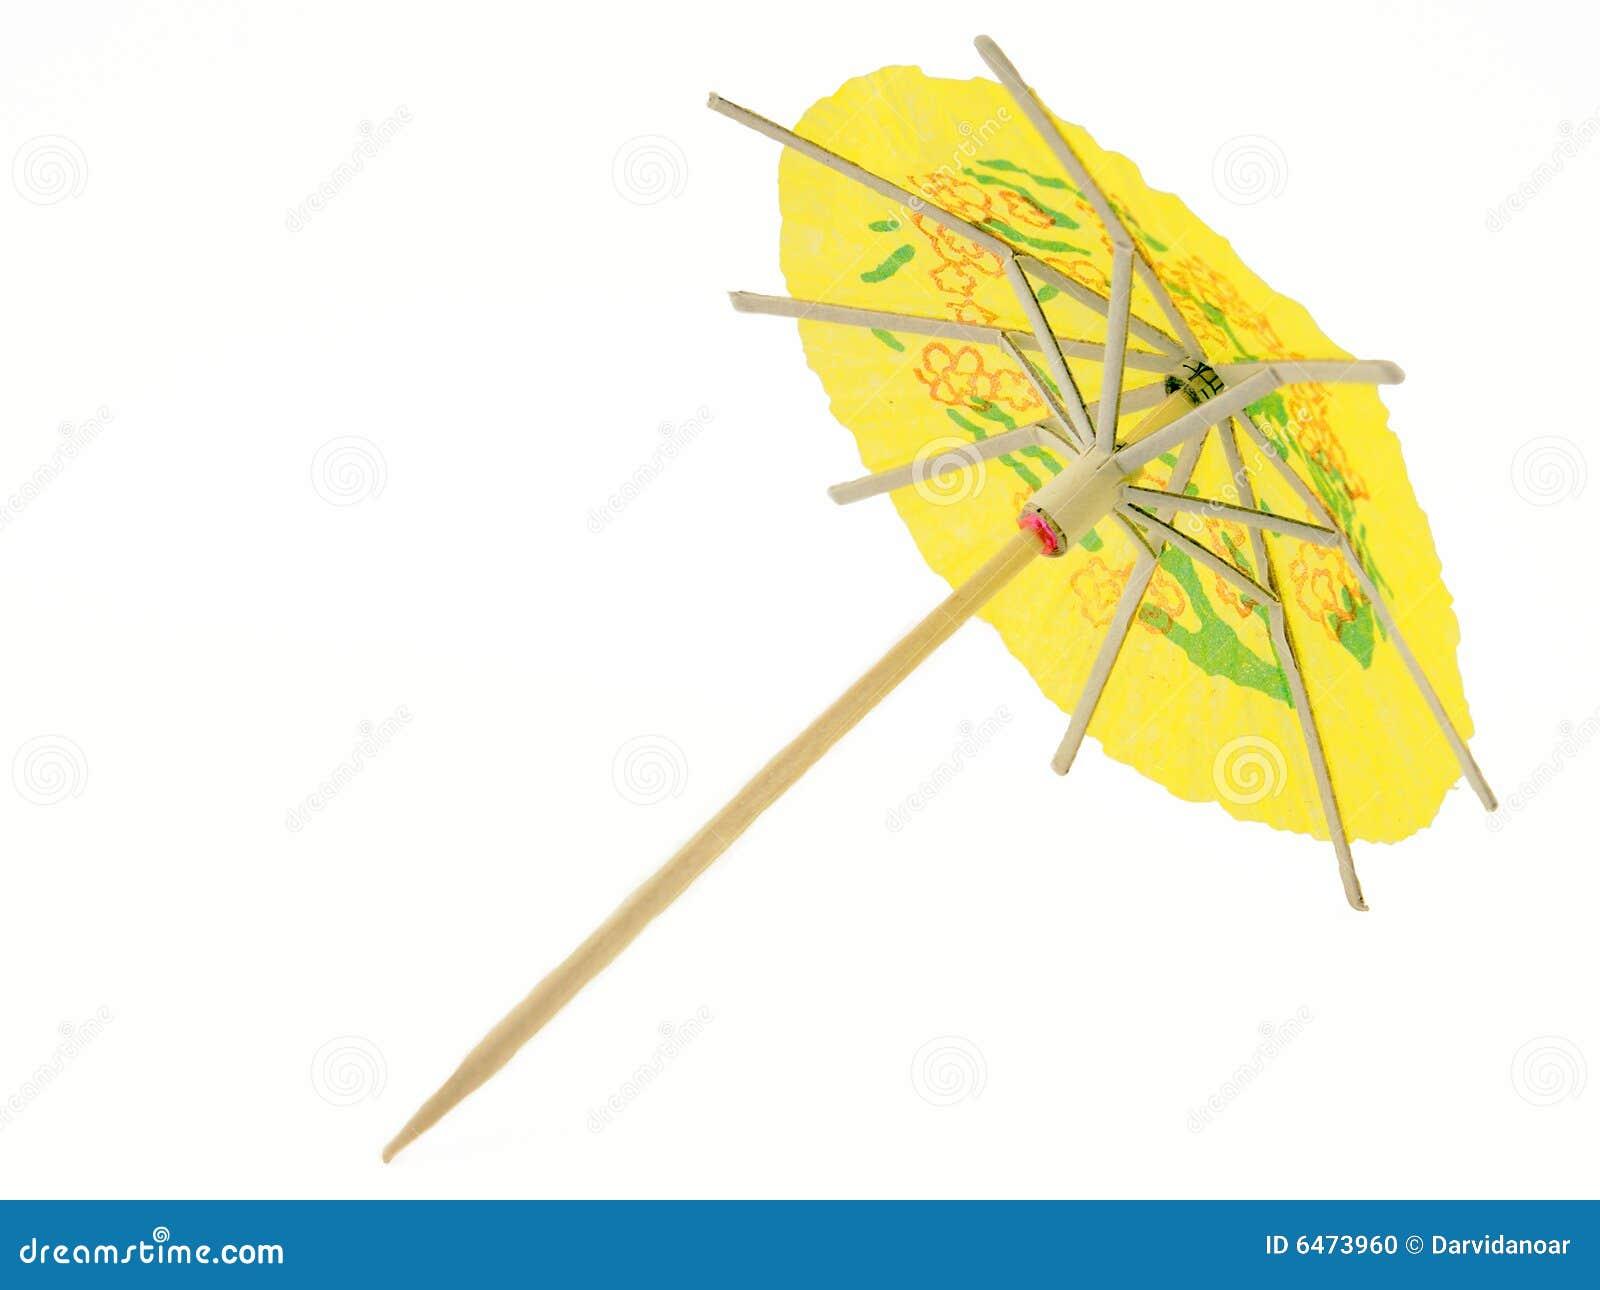 Parasol koktajlowym.